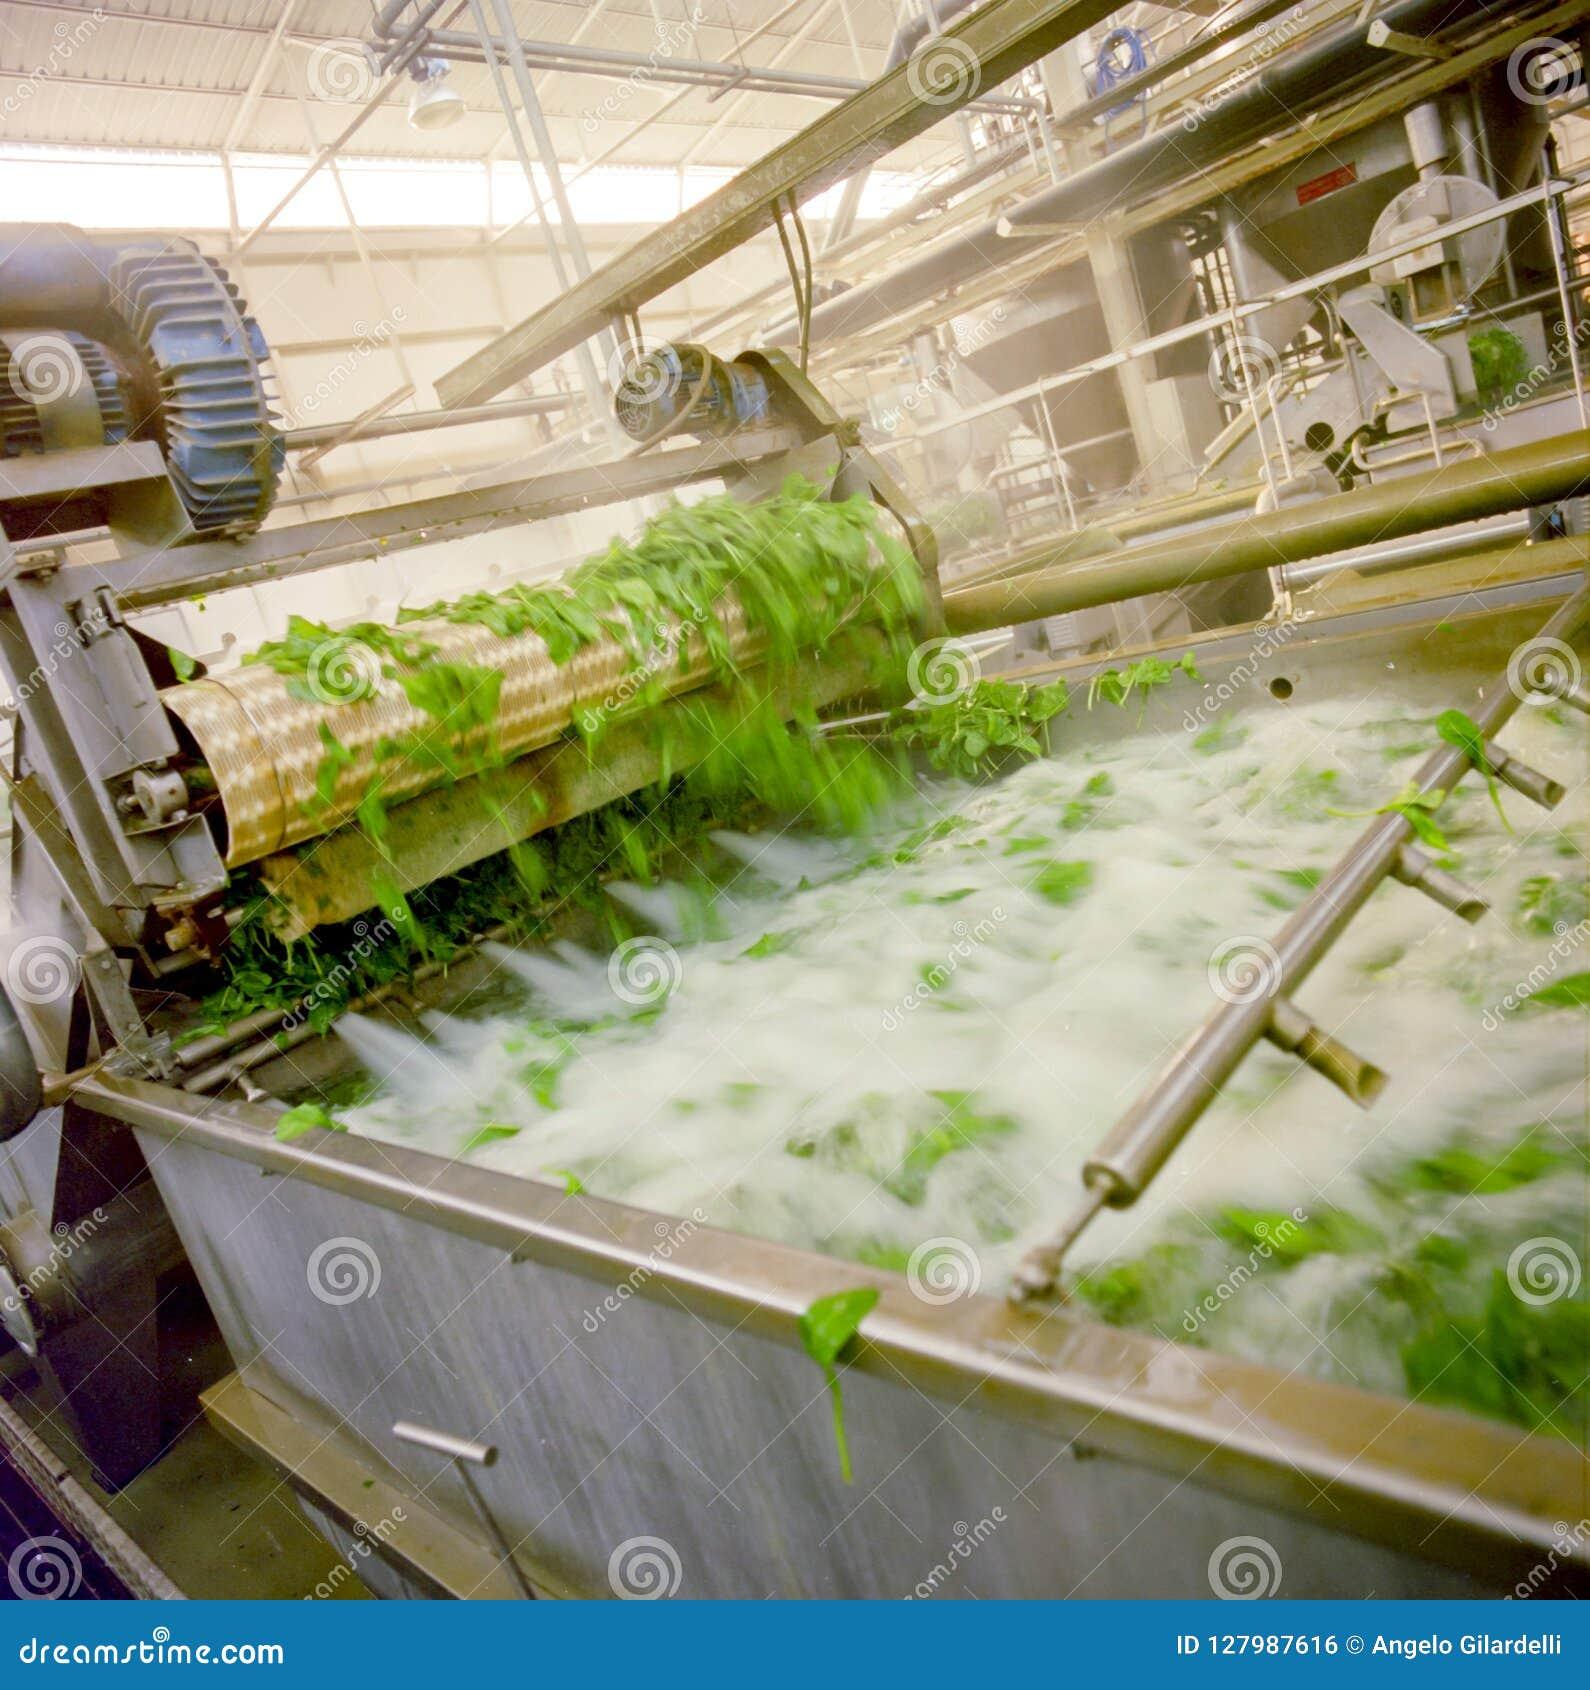 Industria alimentare, vasca di lavaggio degli spinaci